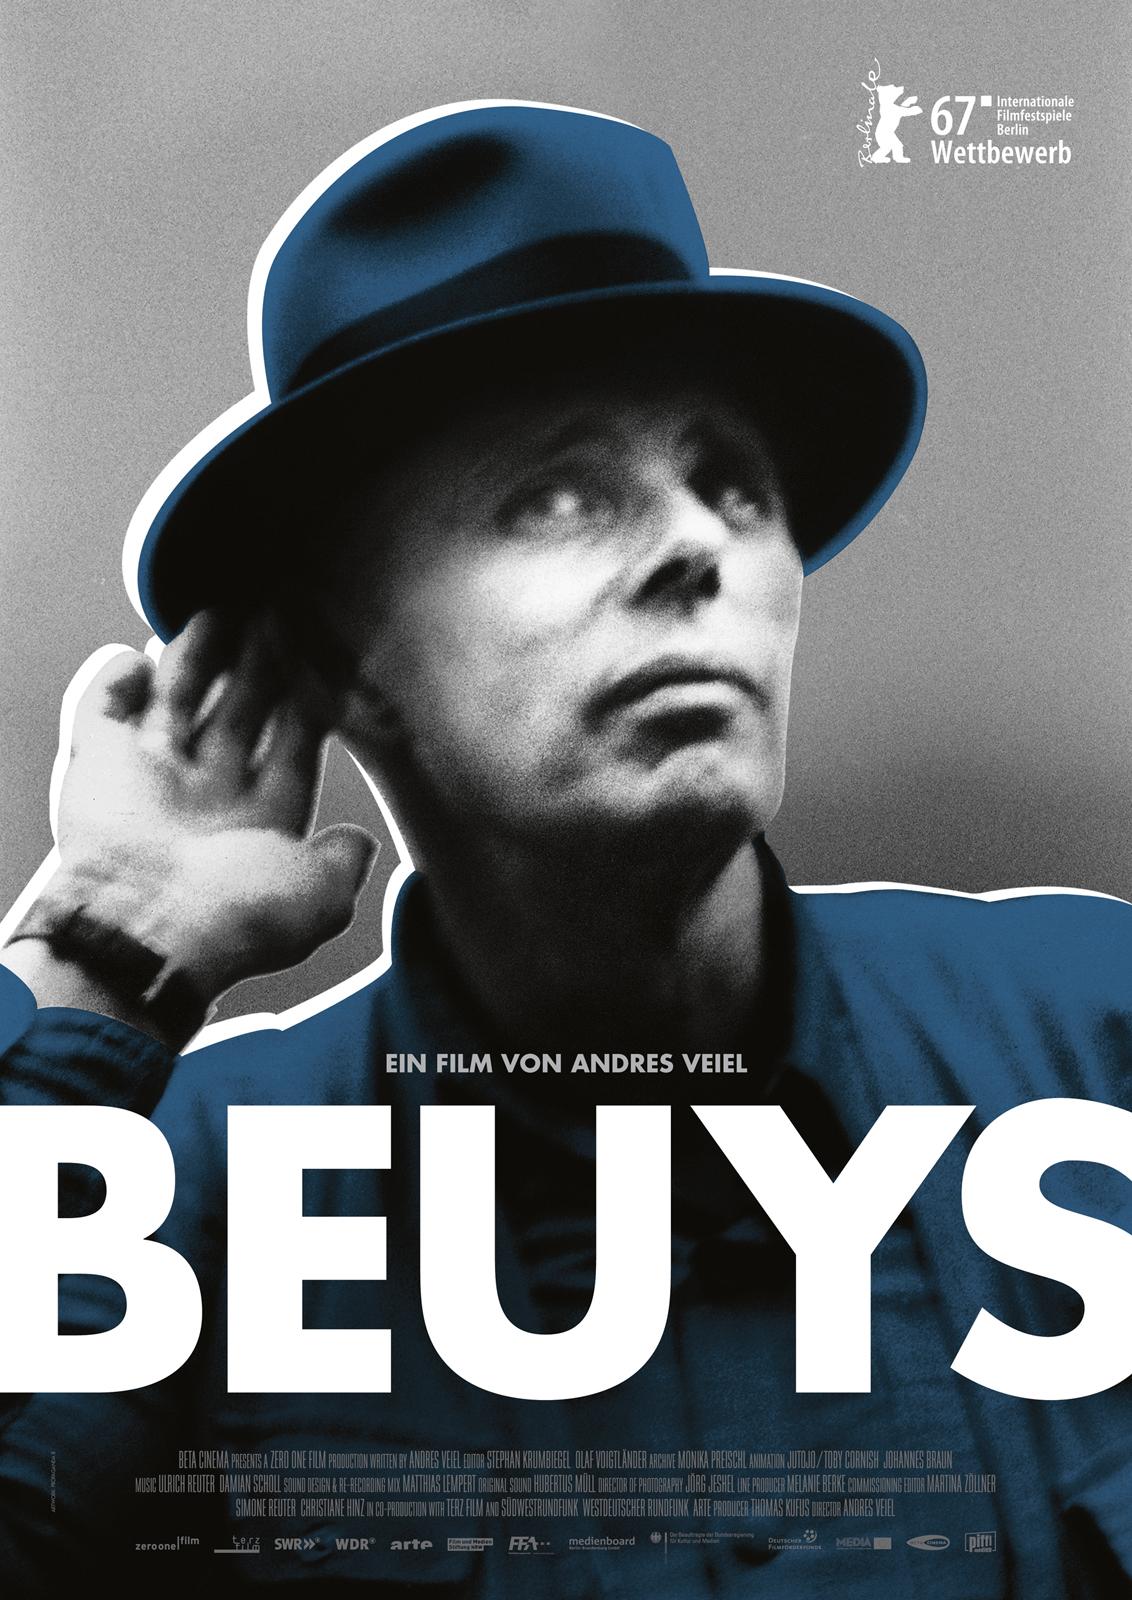 Beuys - Film 2017 - FILMSTARTS.de  Beuys - Film 20...